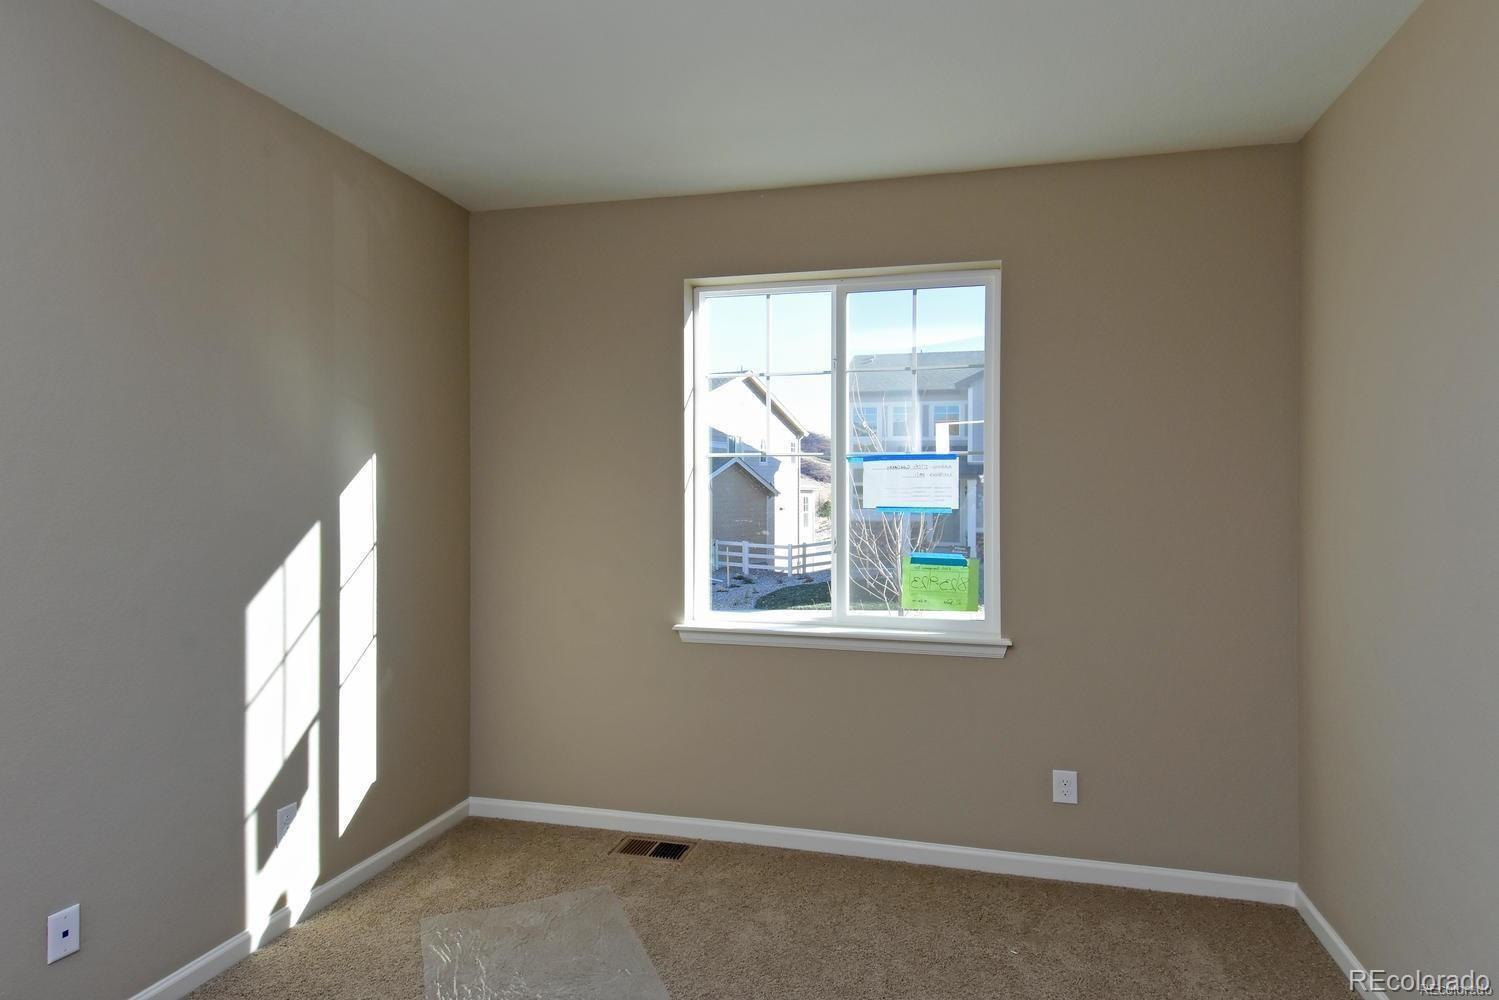 MLS# 4625079 - 16 - 2705 Garganey Drive, Castle Rock, CO 80104